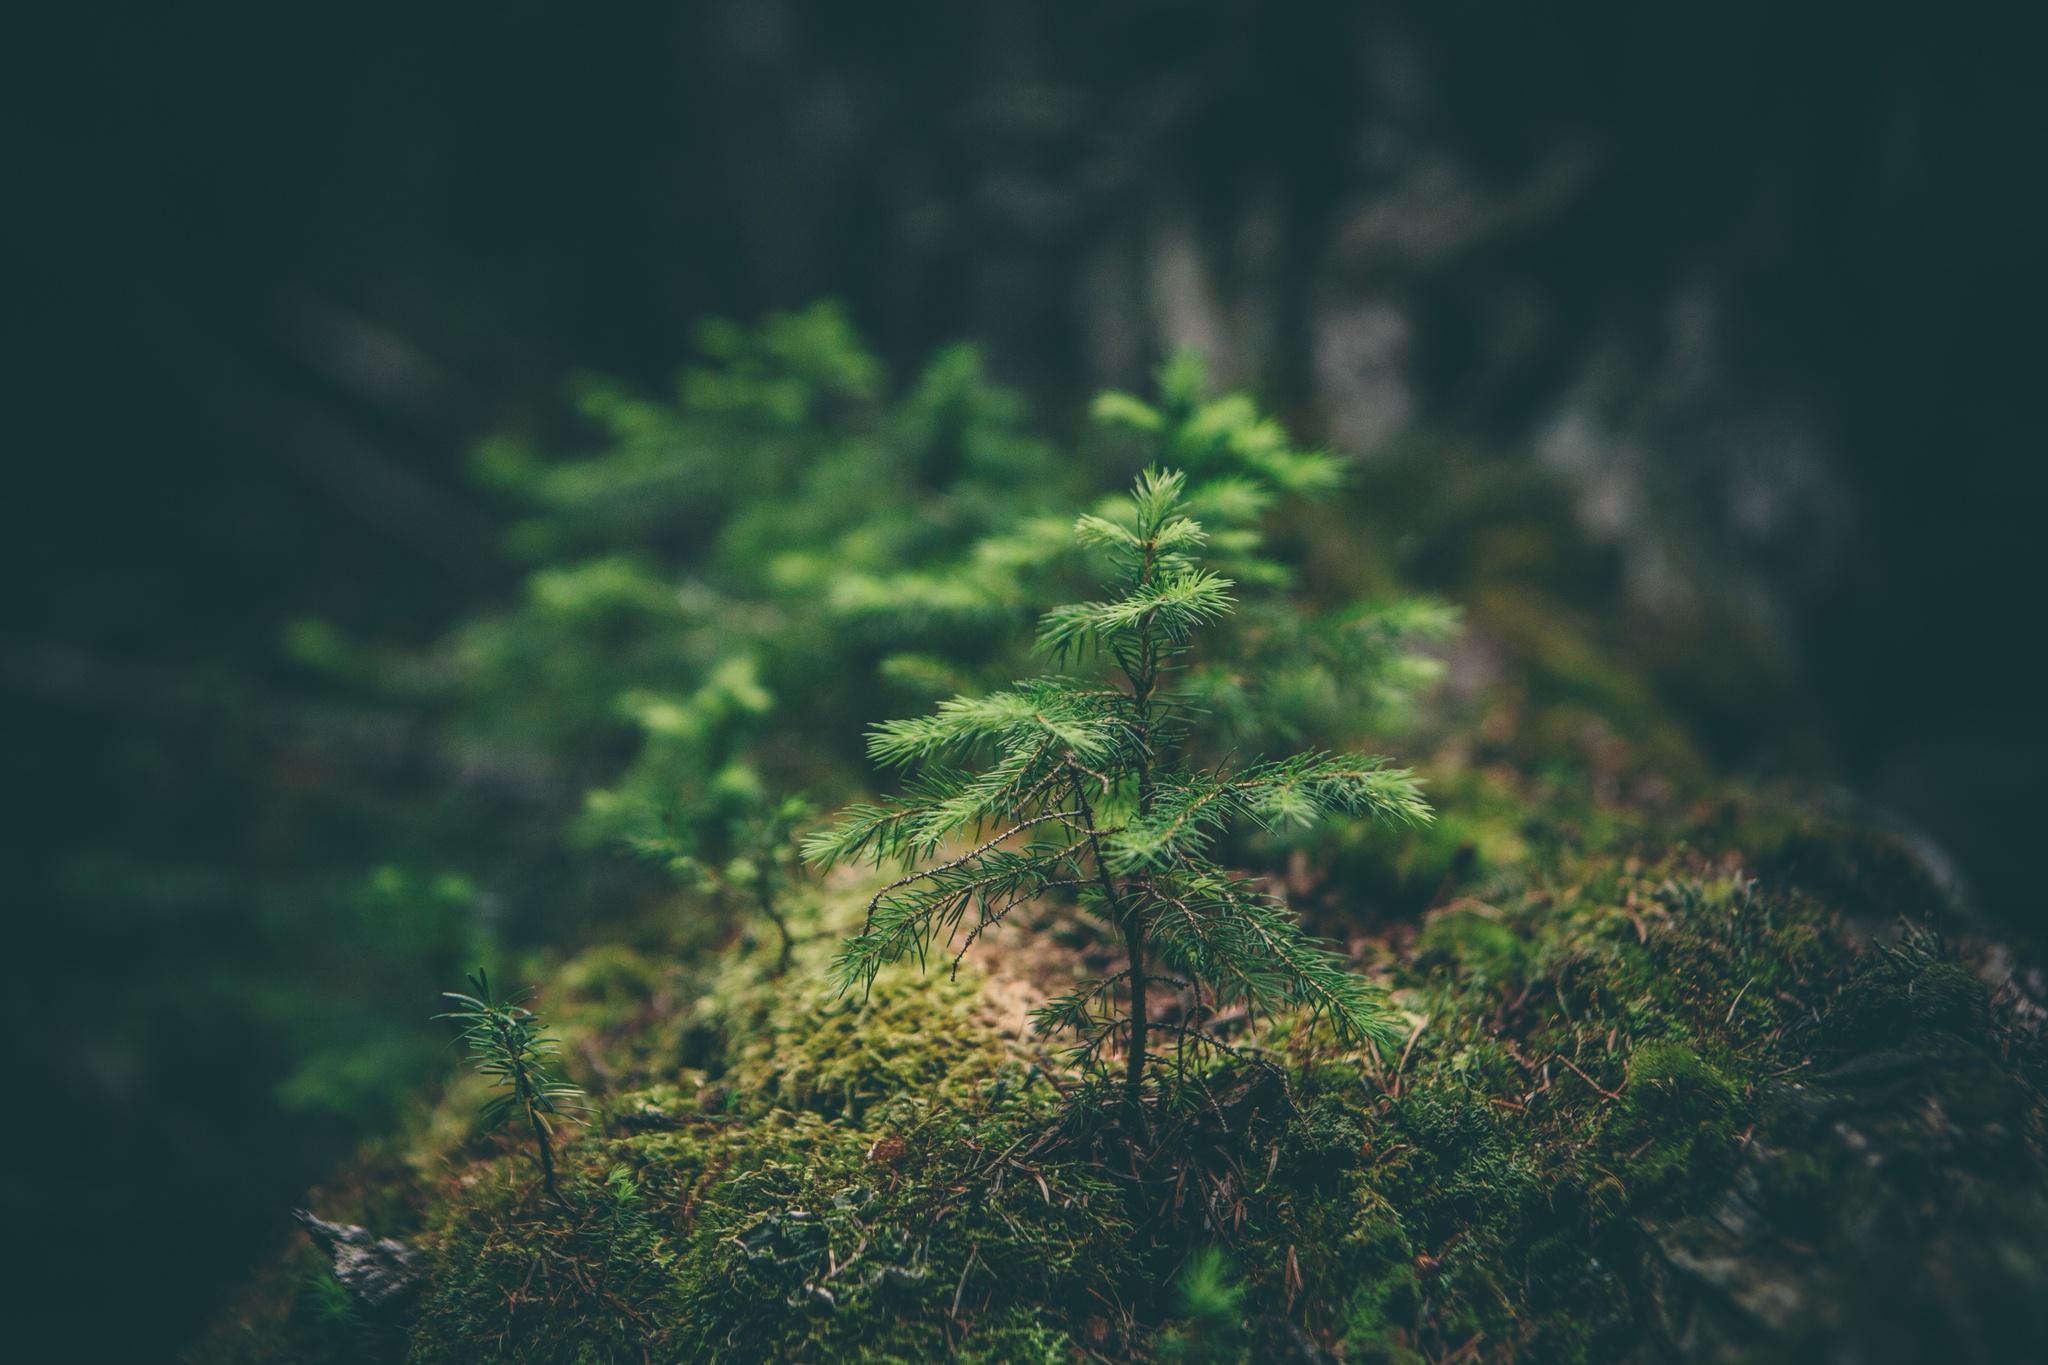 Um recorde sustentável: Etiópia planta mais de 350 milhões de árvores num dia